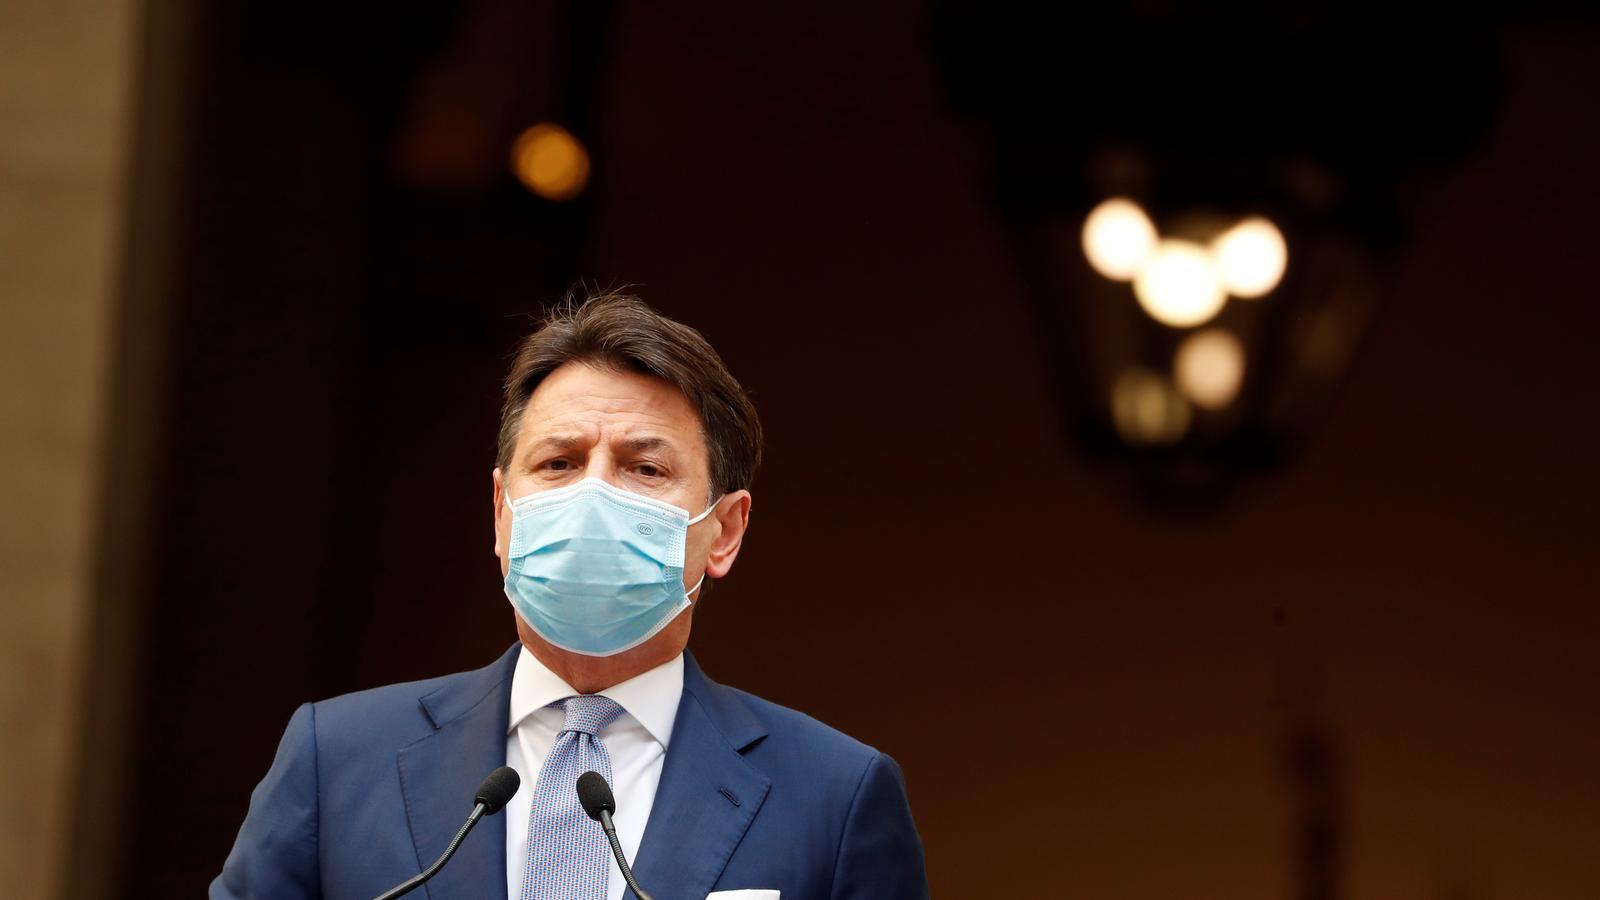 Giuseppe Conte durant la compareixença d'aquest diumenge per anunciar més mesures contra la pandèmia.